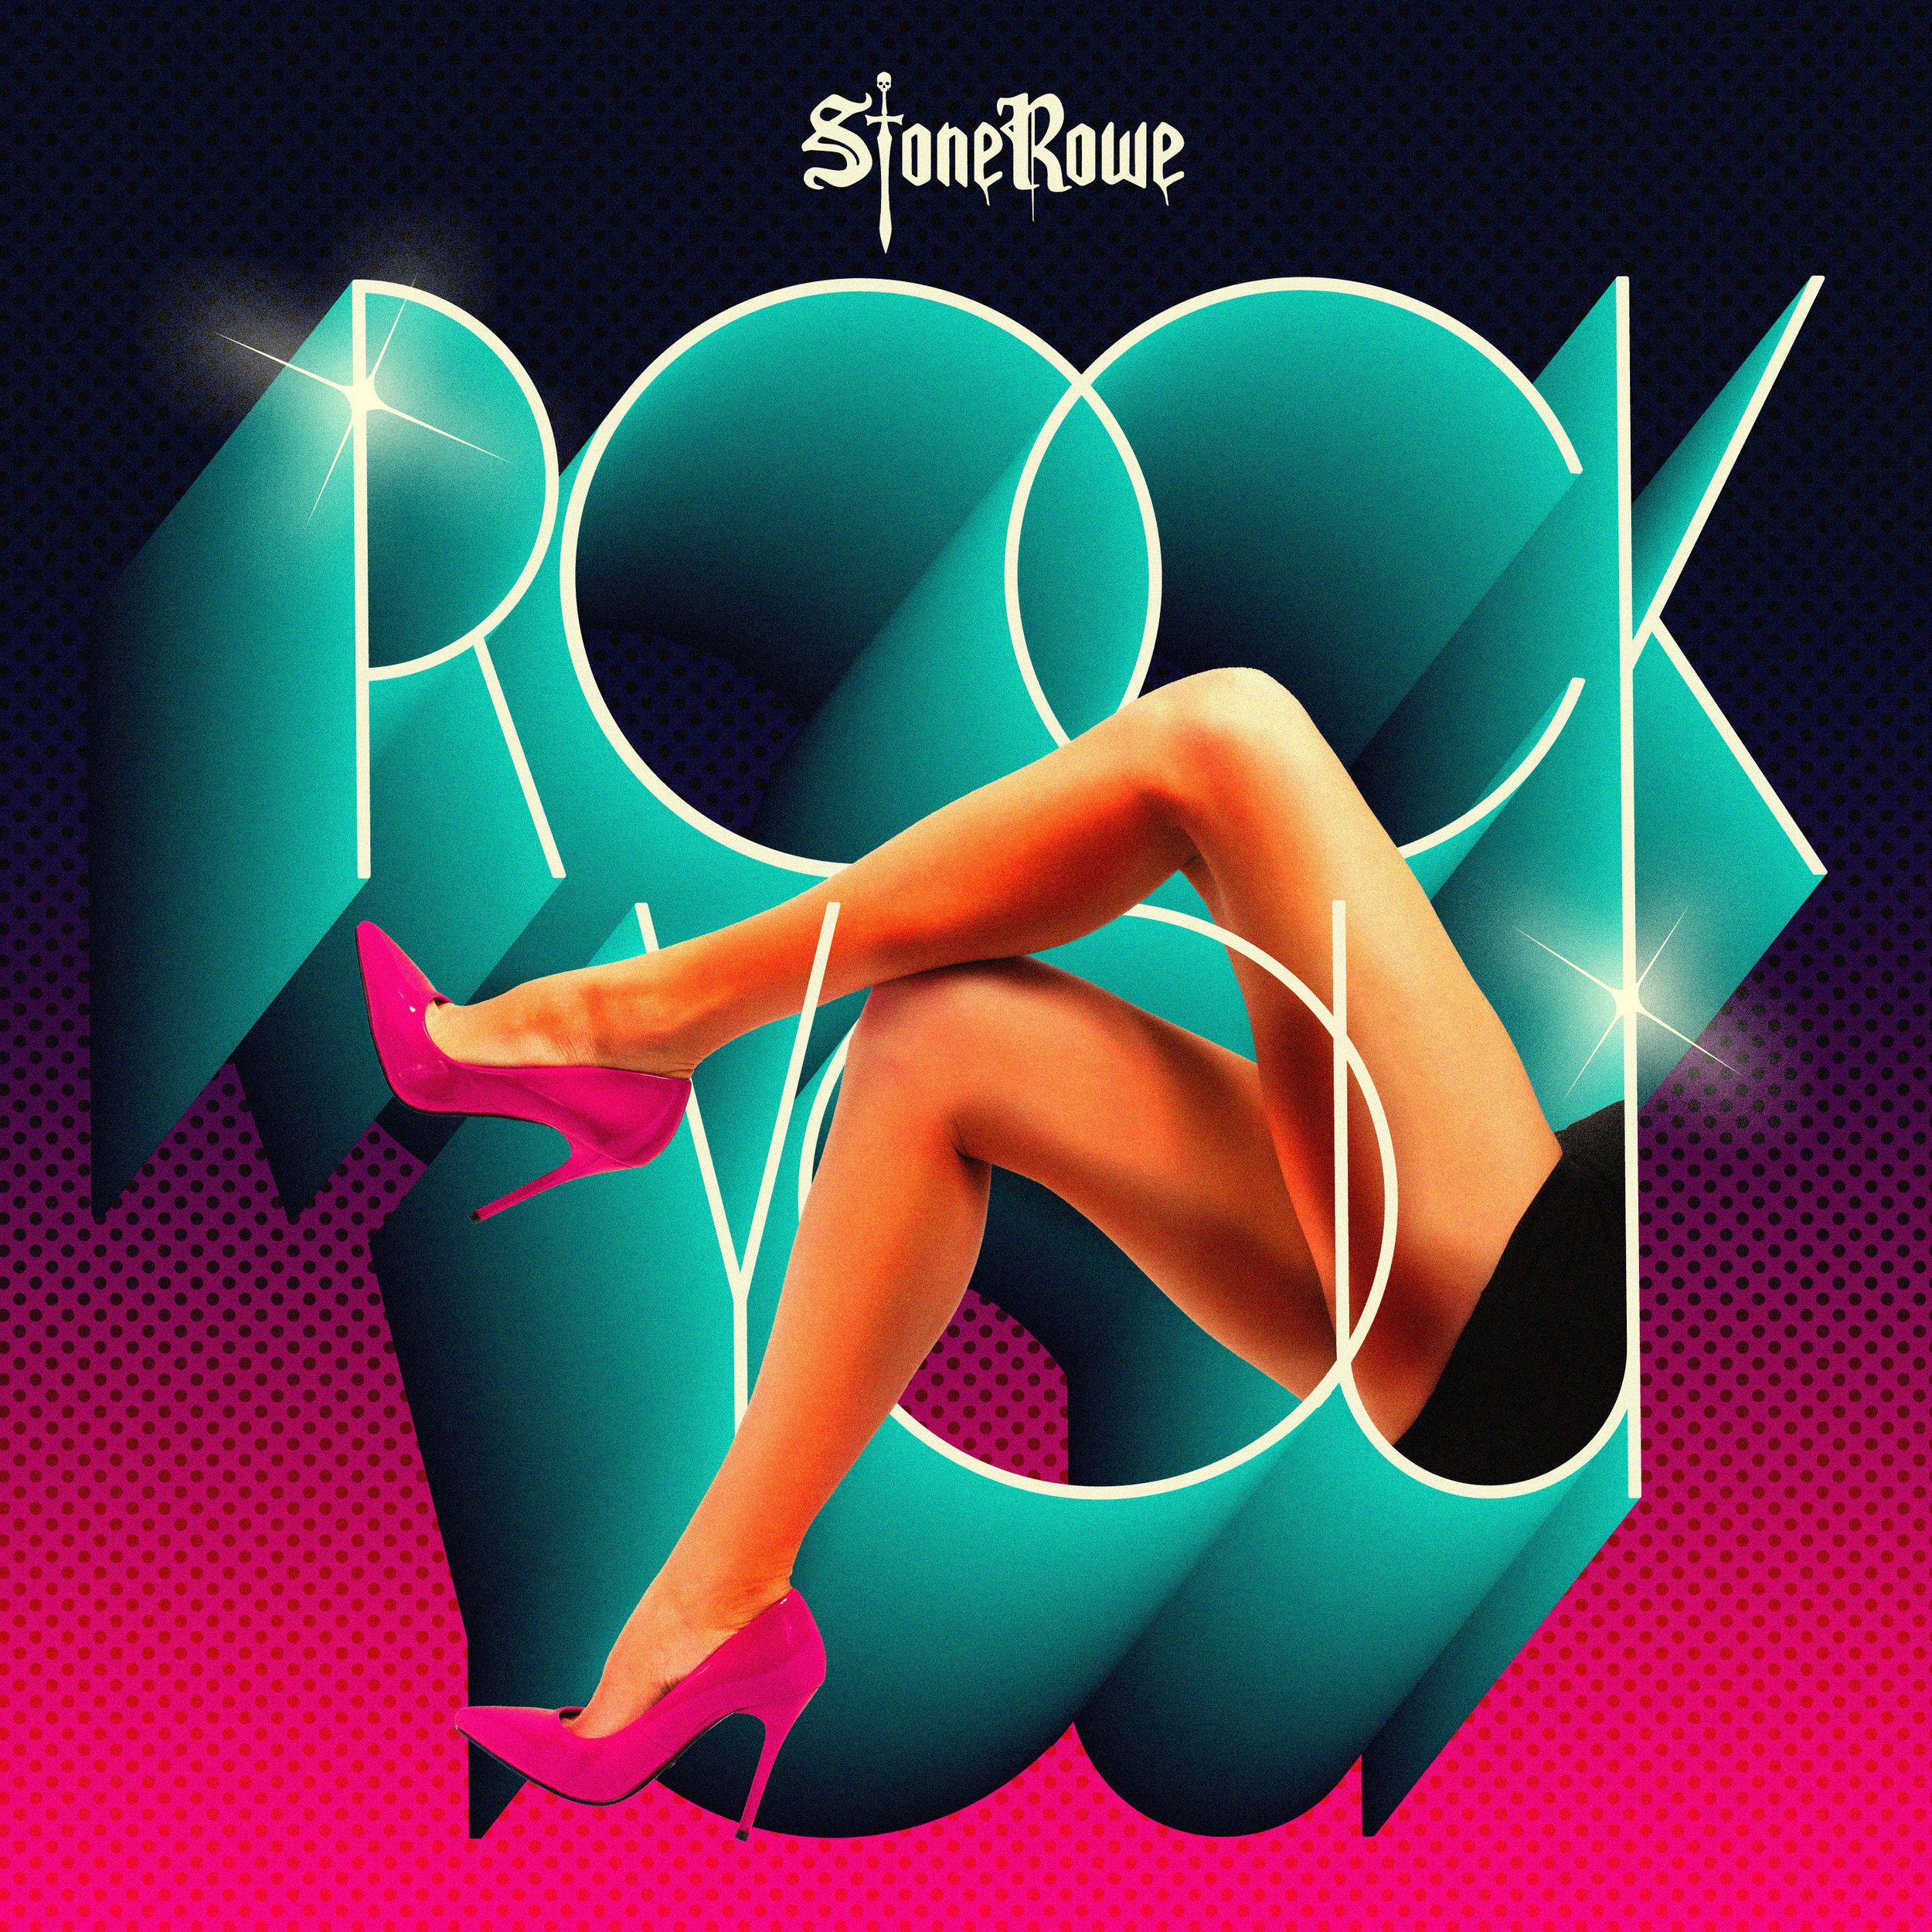 STR-RockYou-V3-3K.jpg